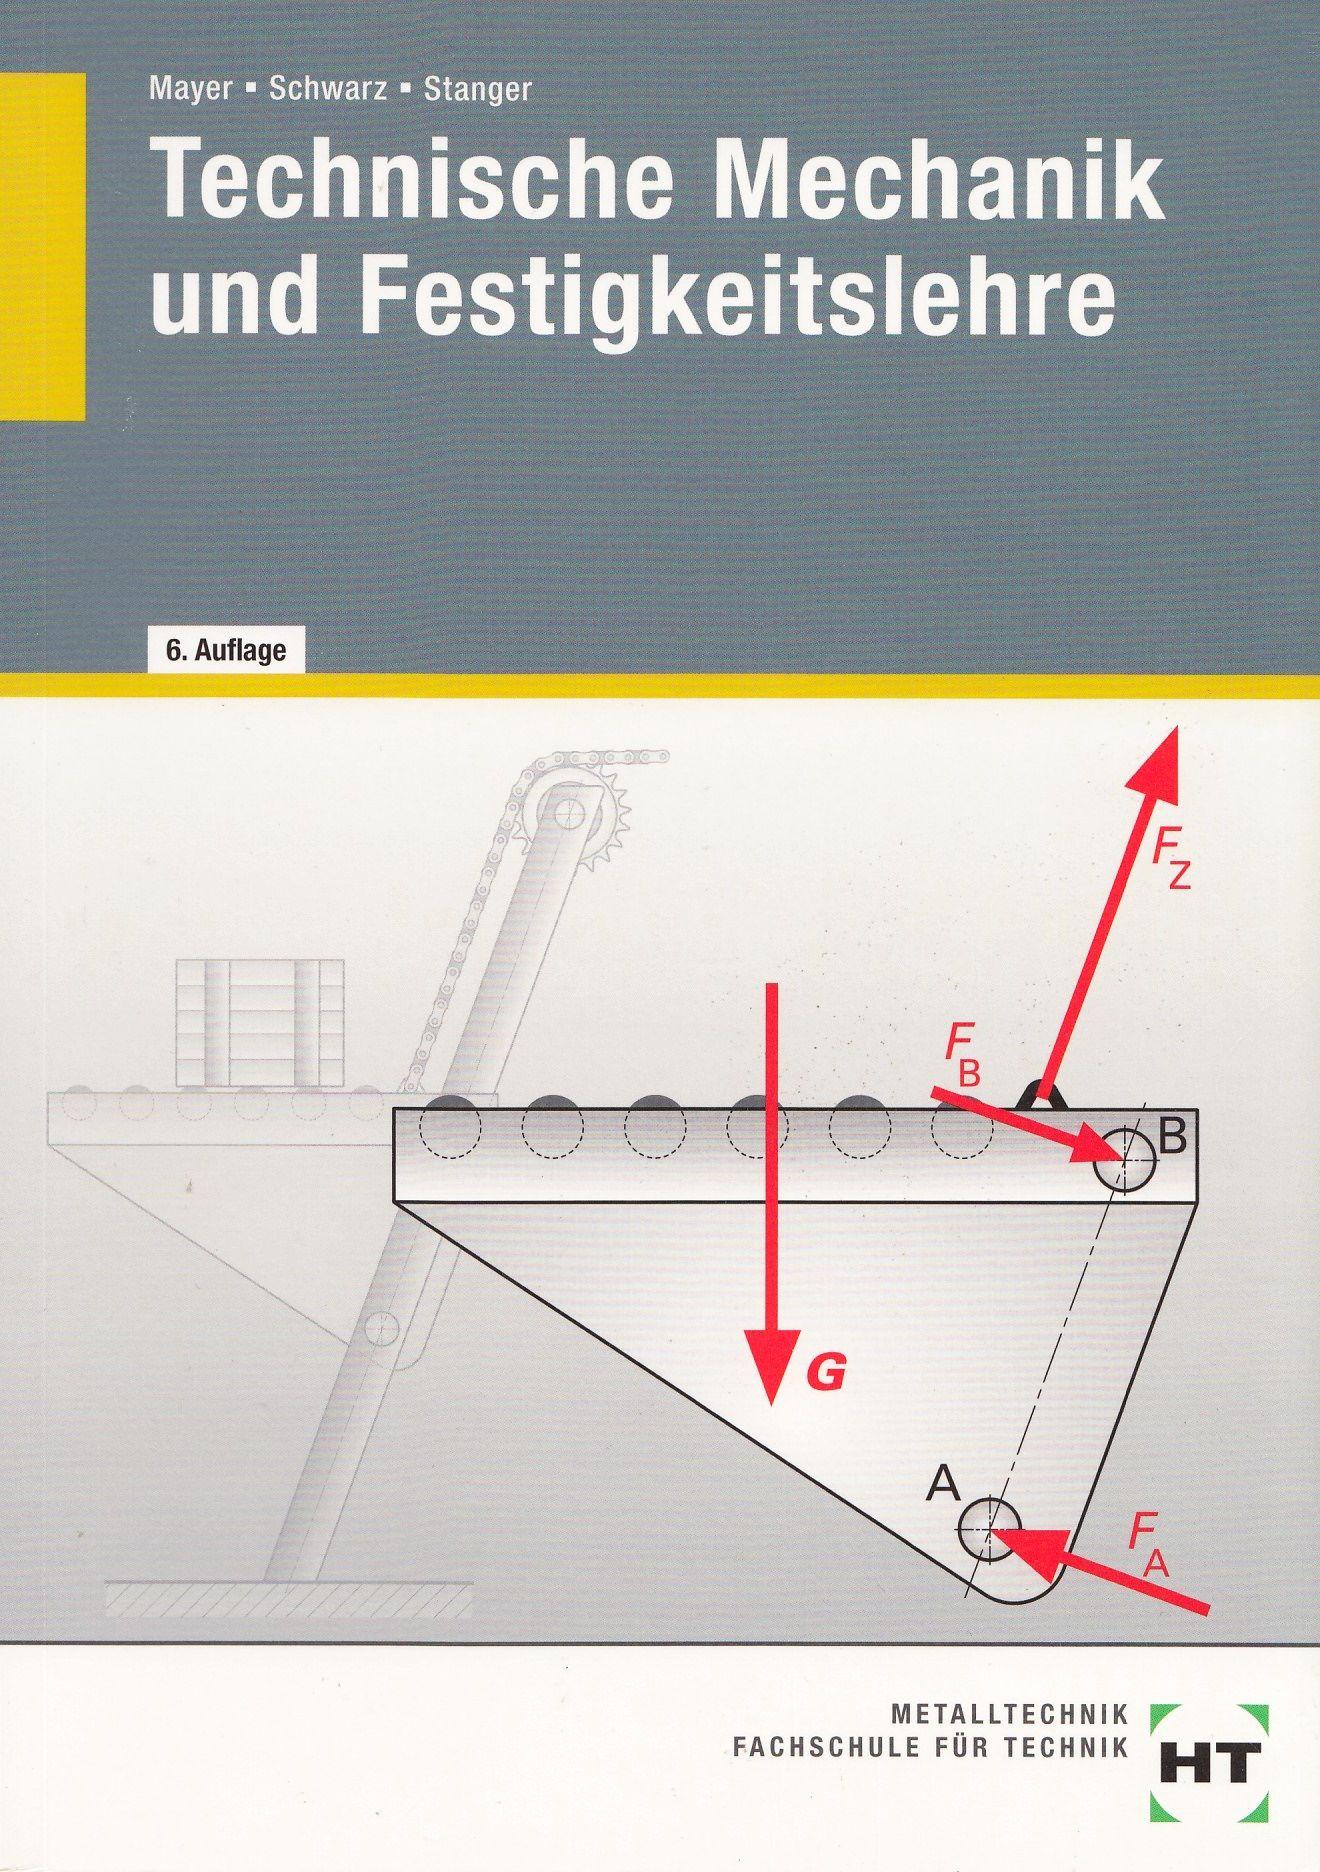 Technische Mechanik und Festigkeitslehre - Hans-Georg Mayer